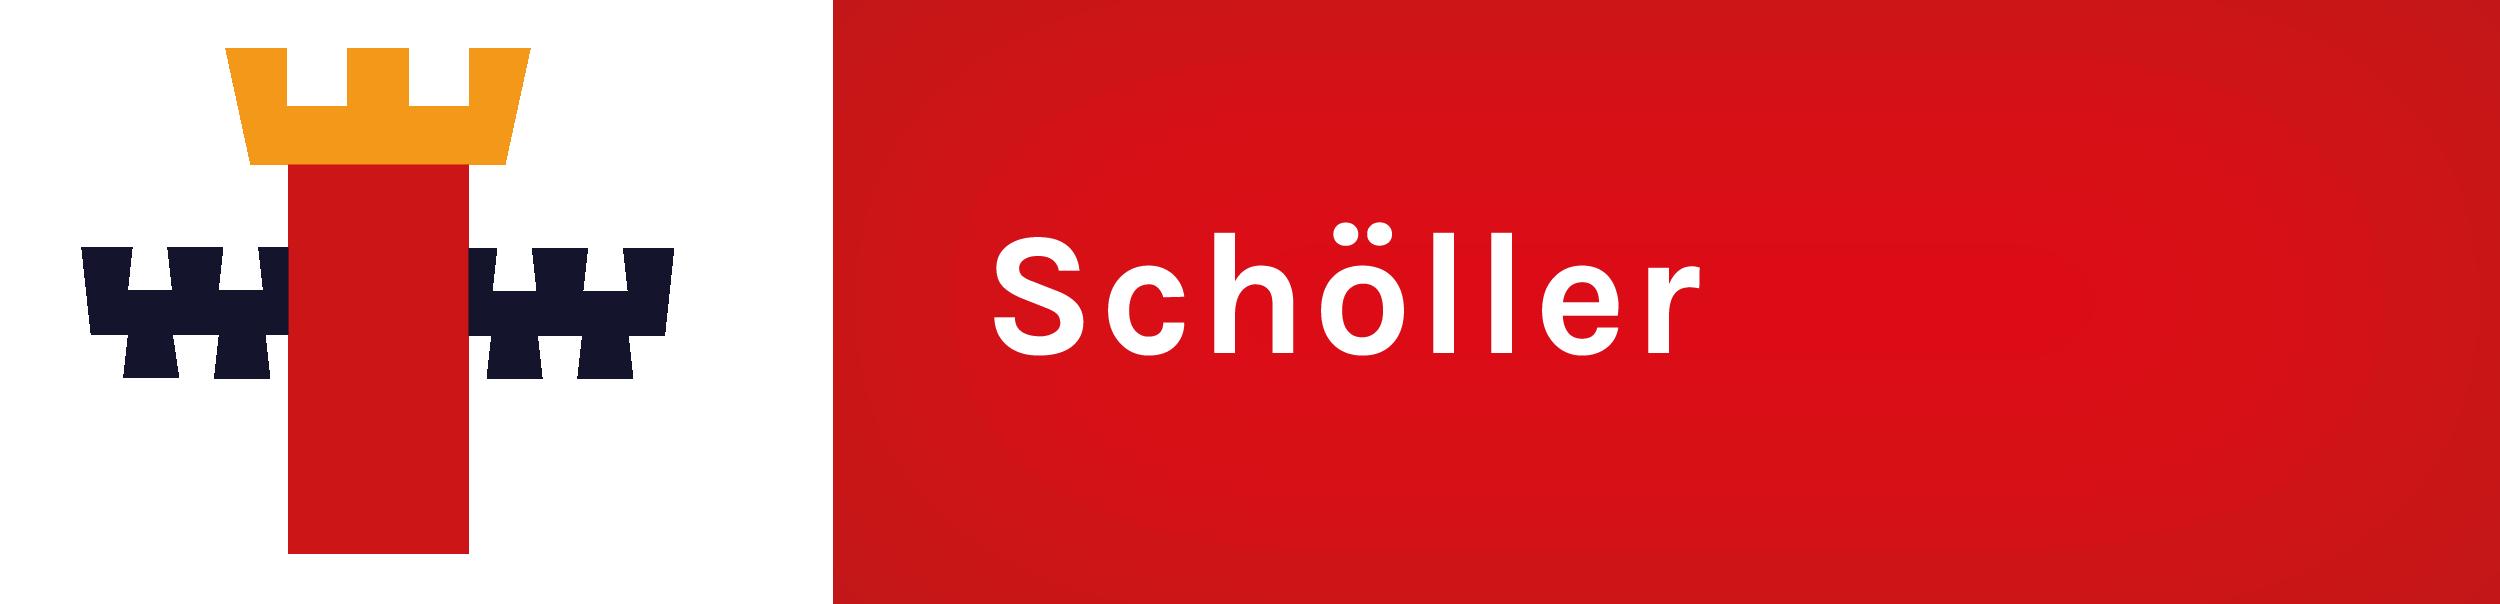 Banner für Schöller